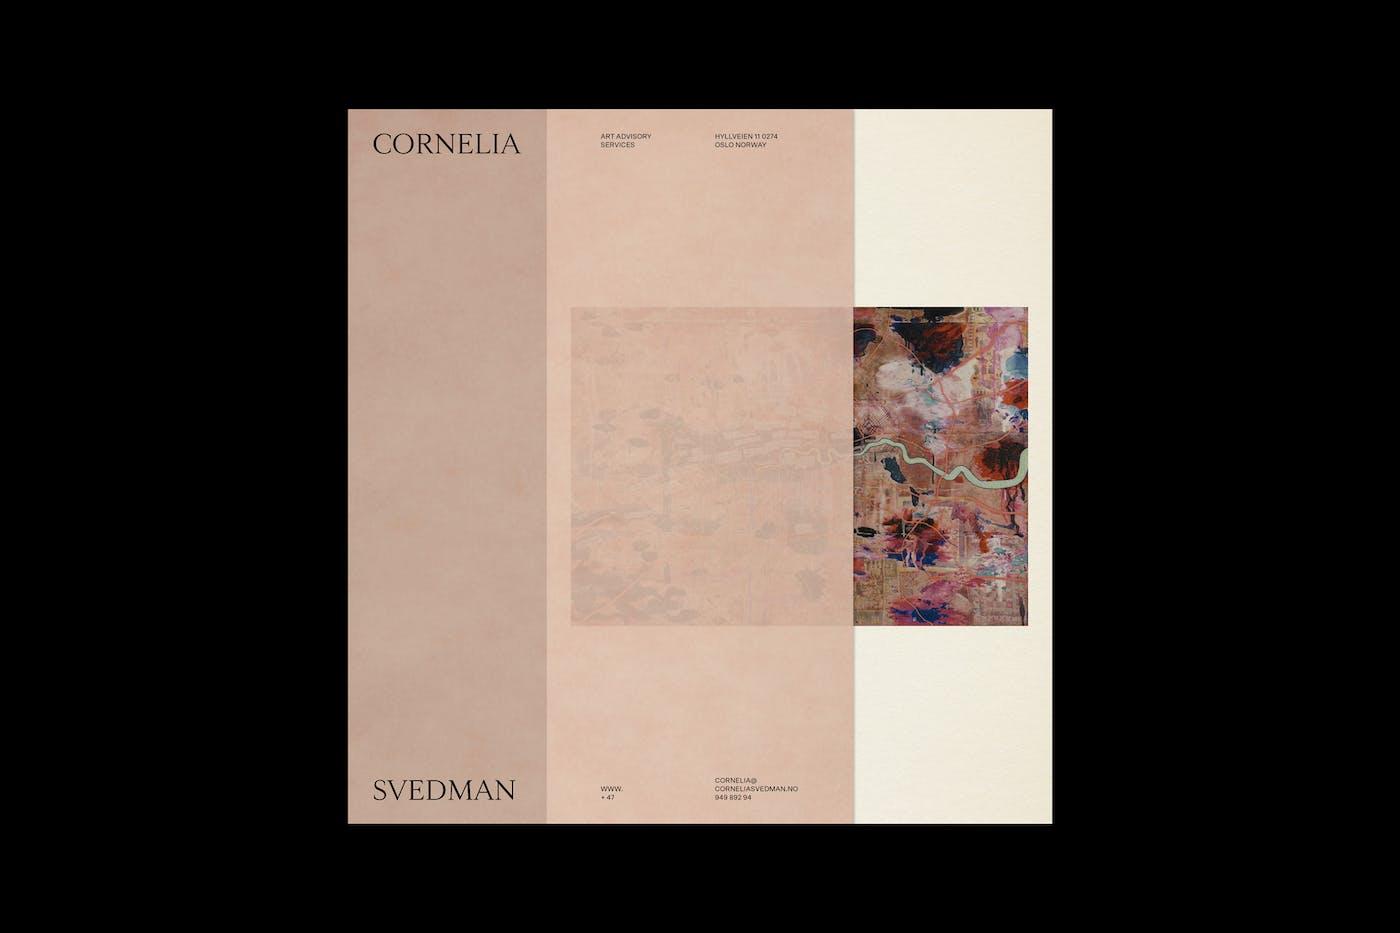 Cornelia Svedman Artist Cover